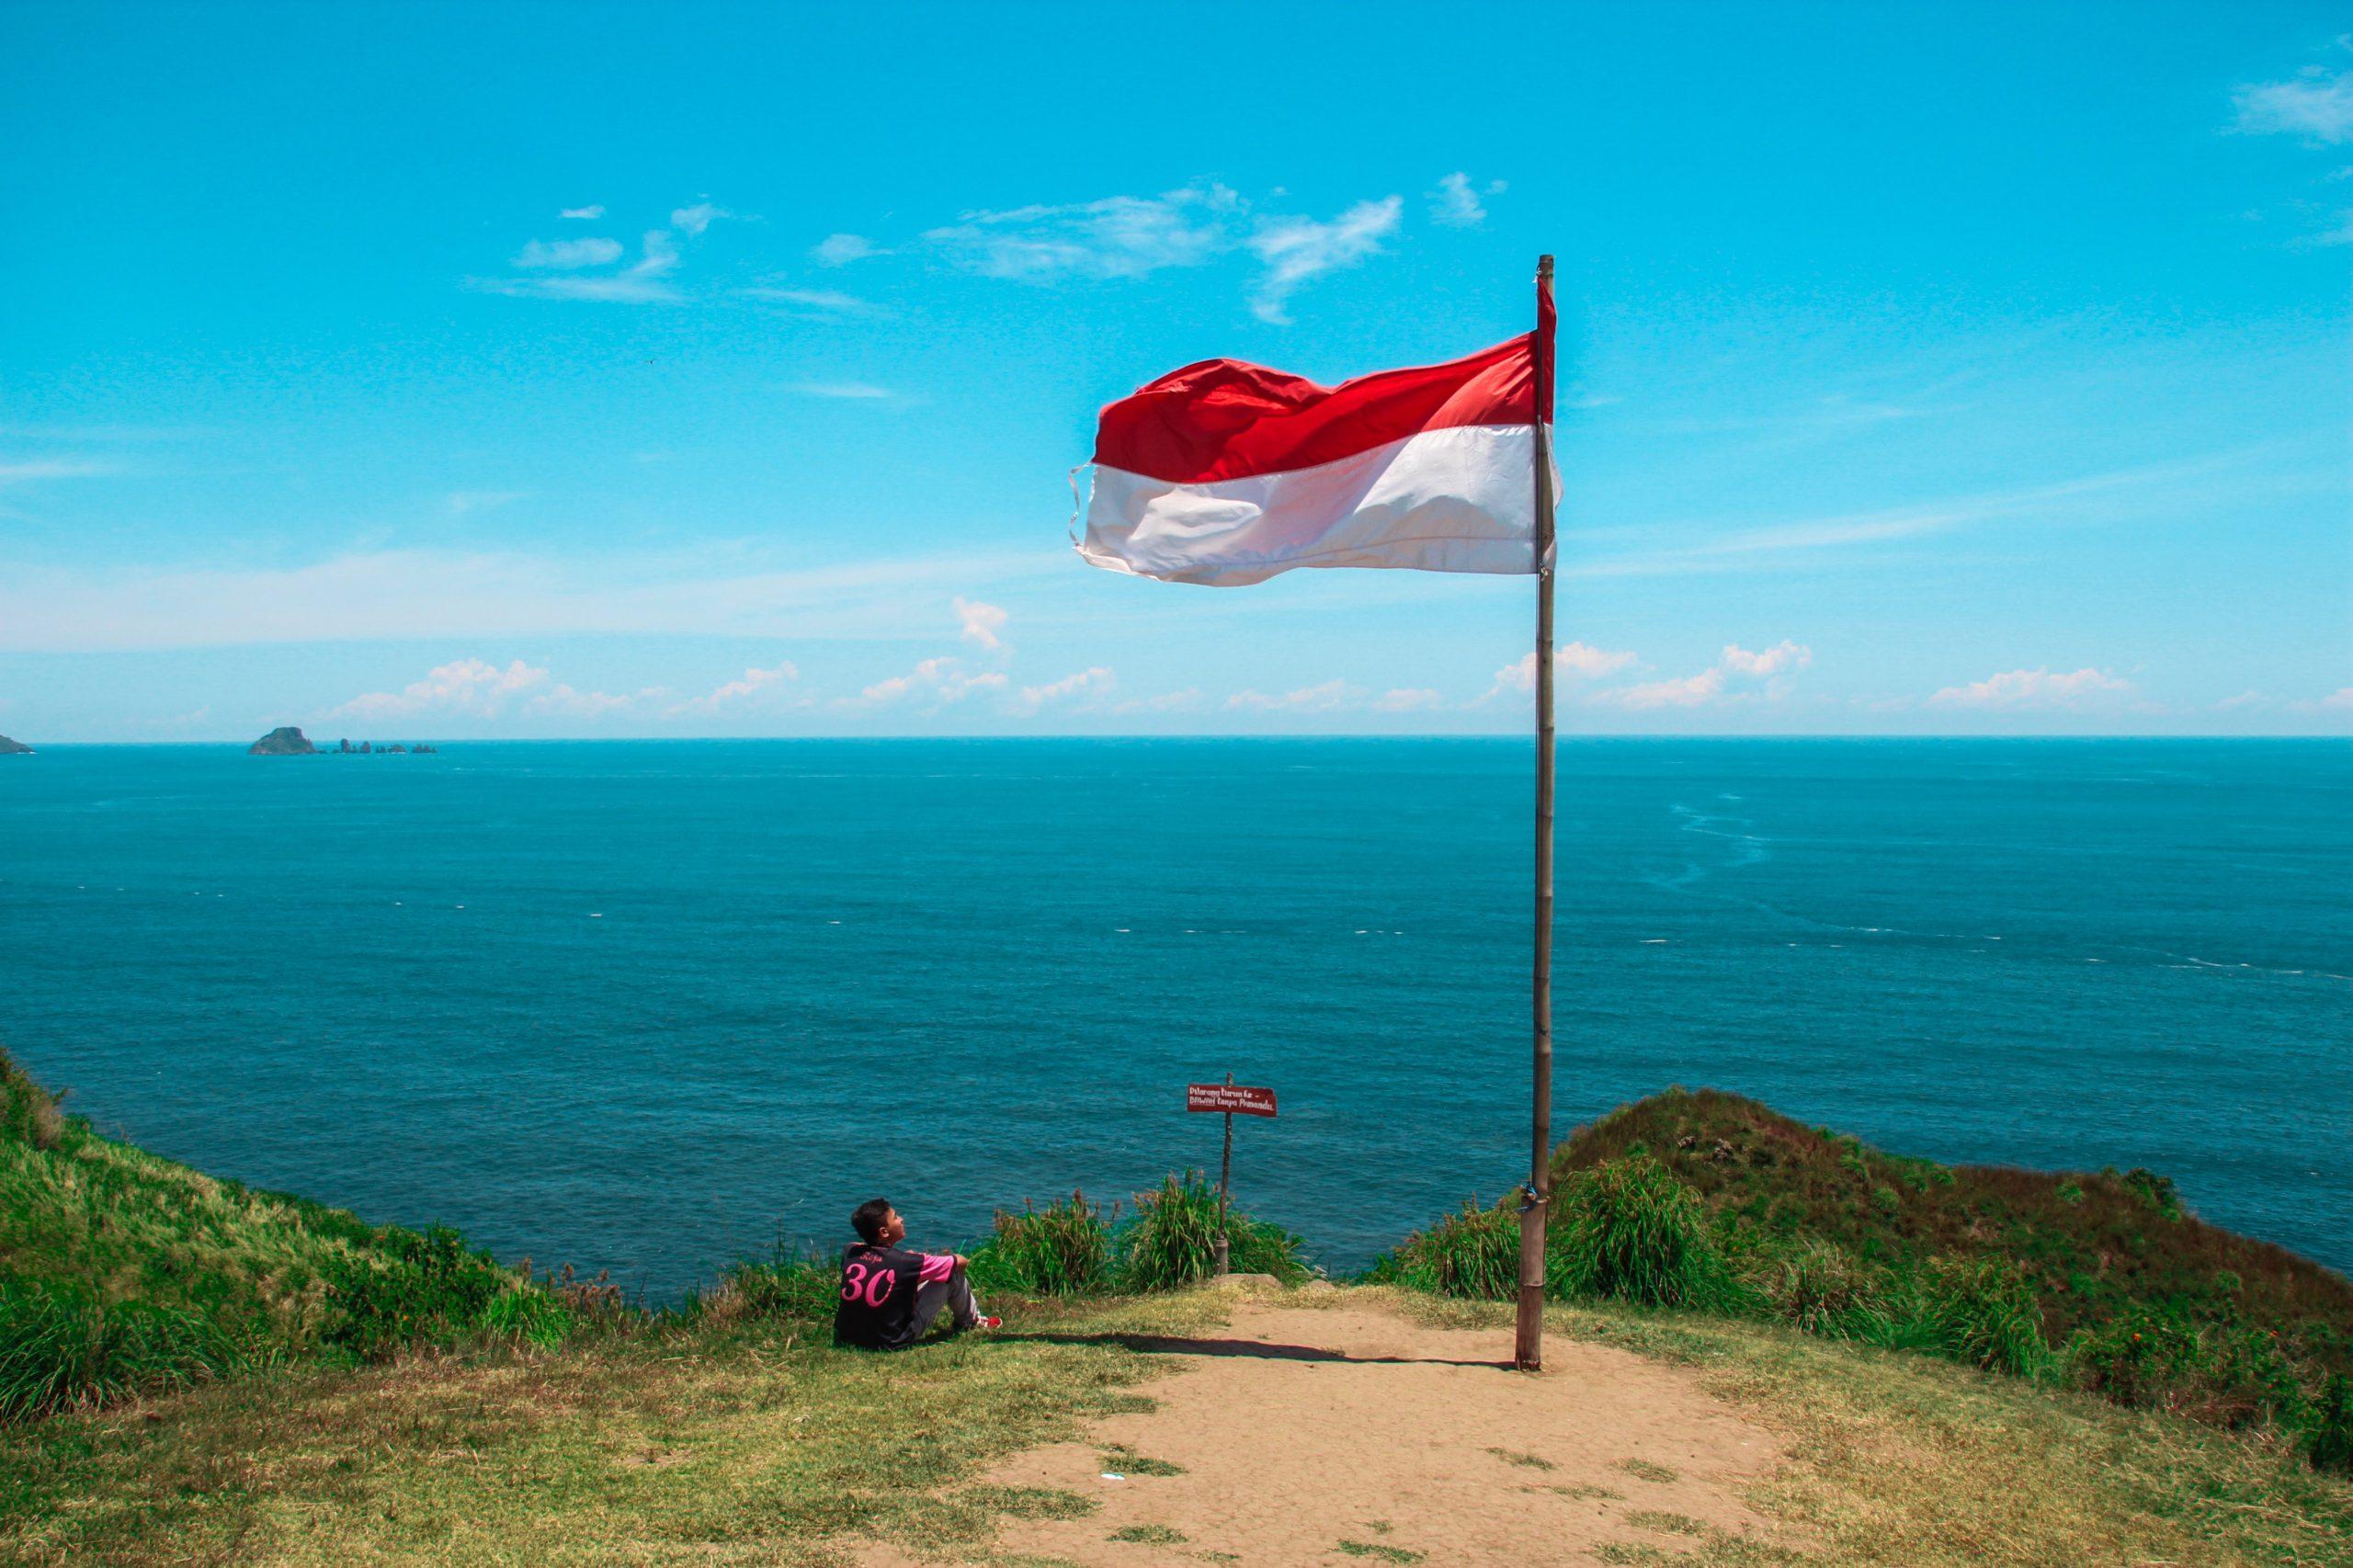 【インドネシアの公用語】インドネシアで使われいている言語は!?